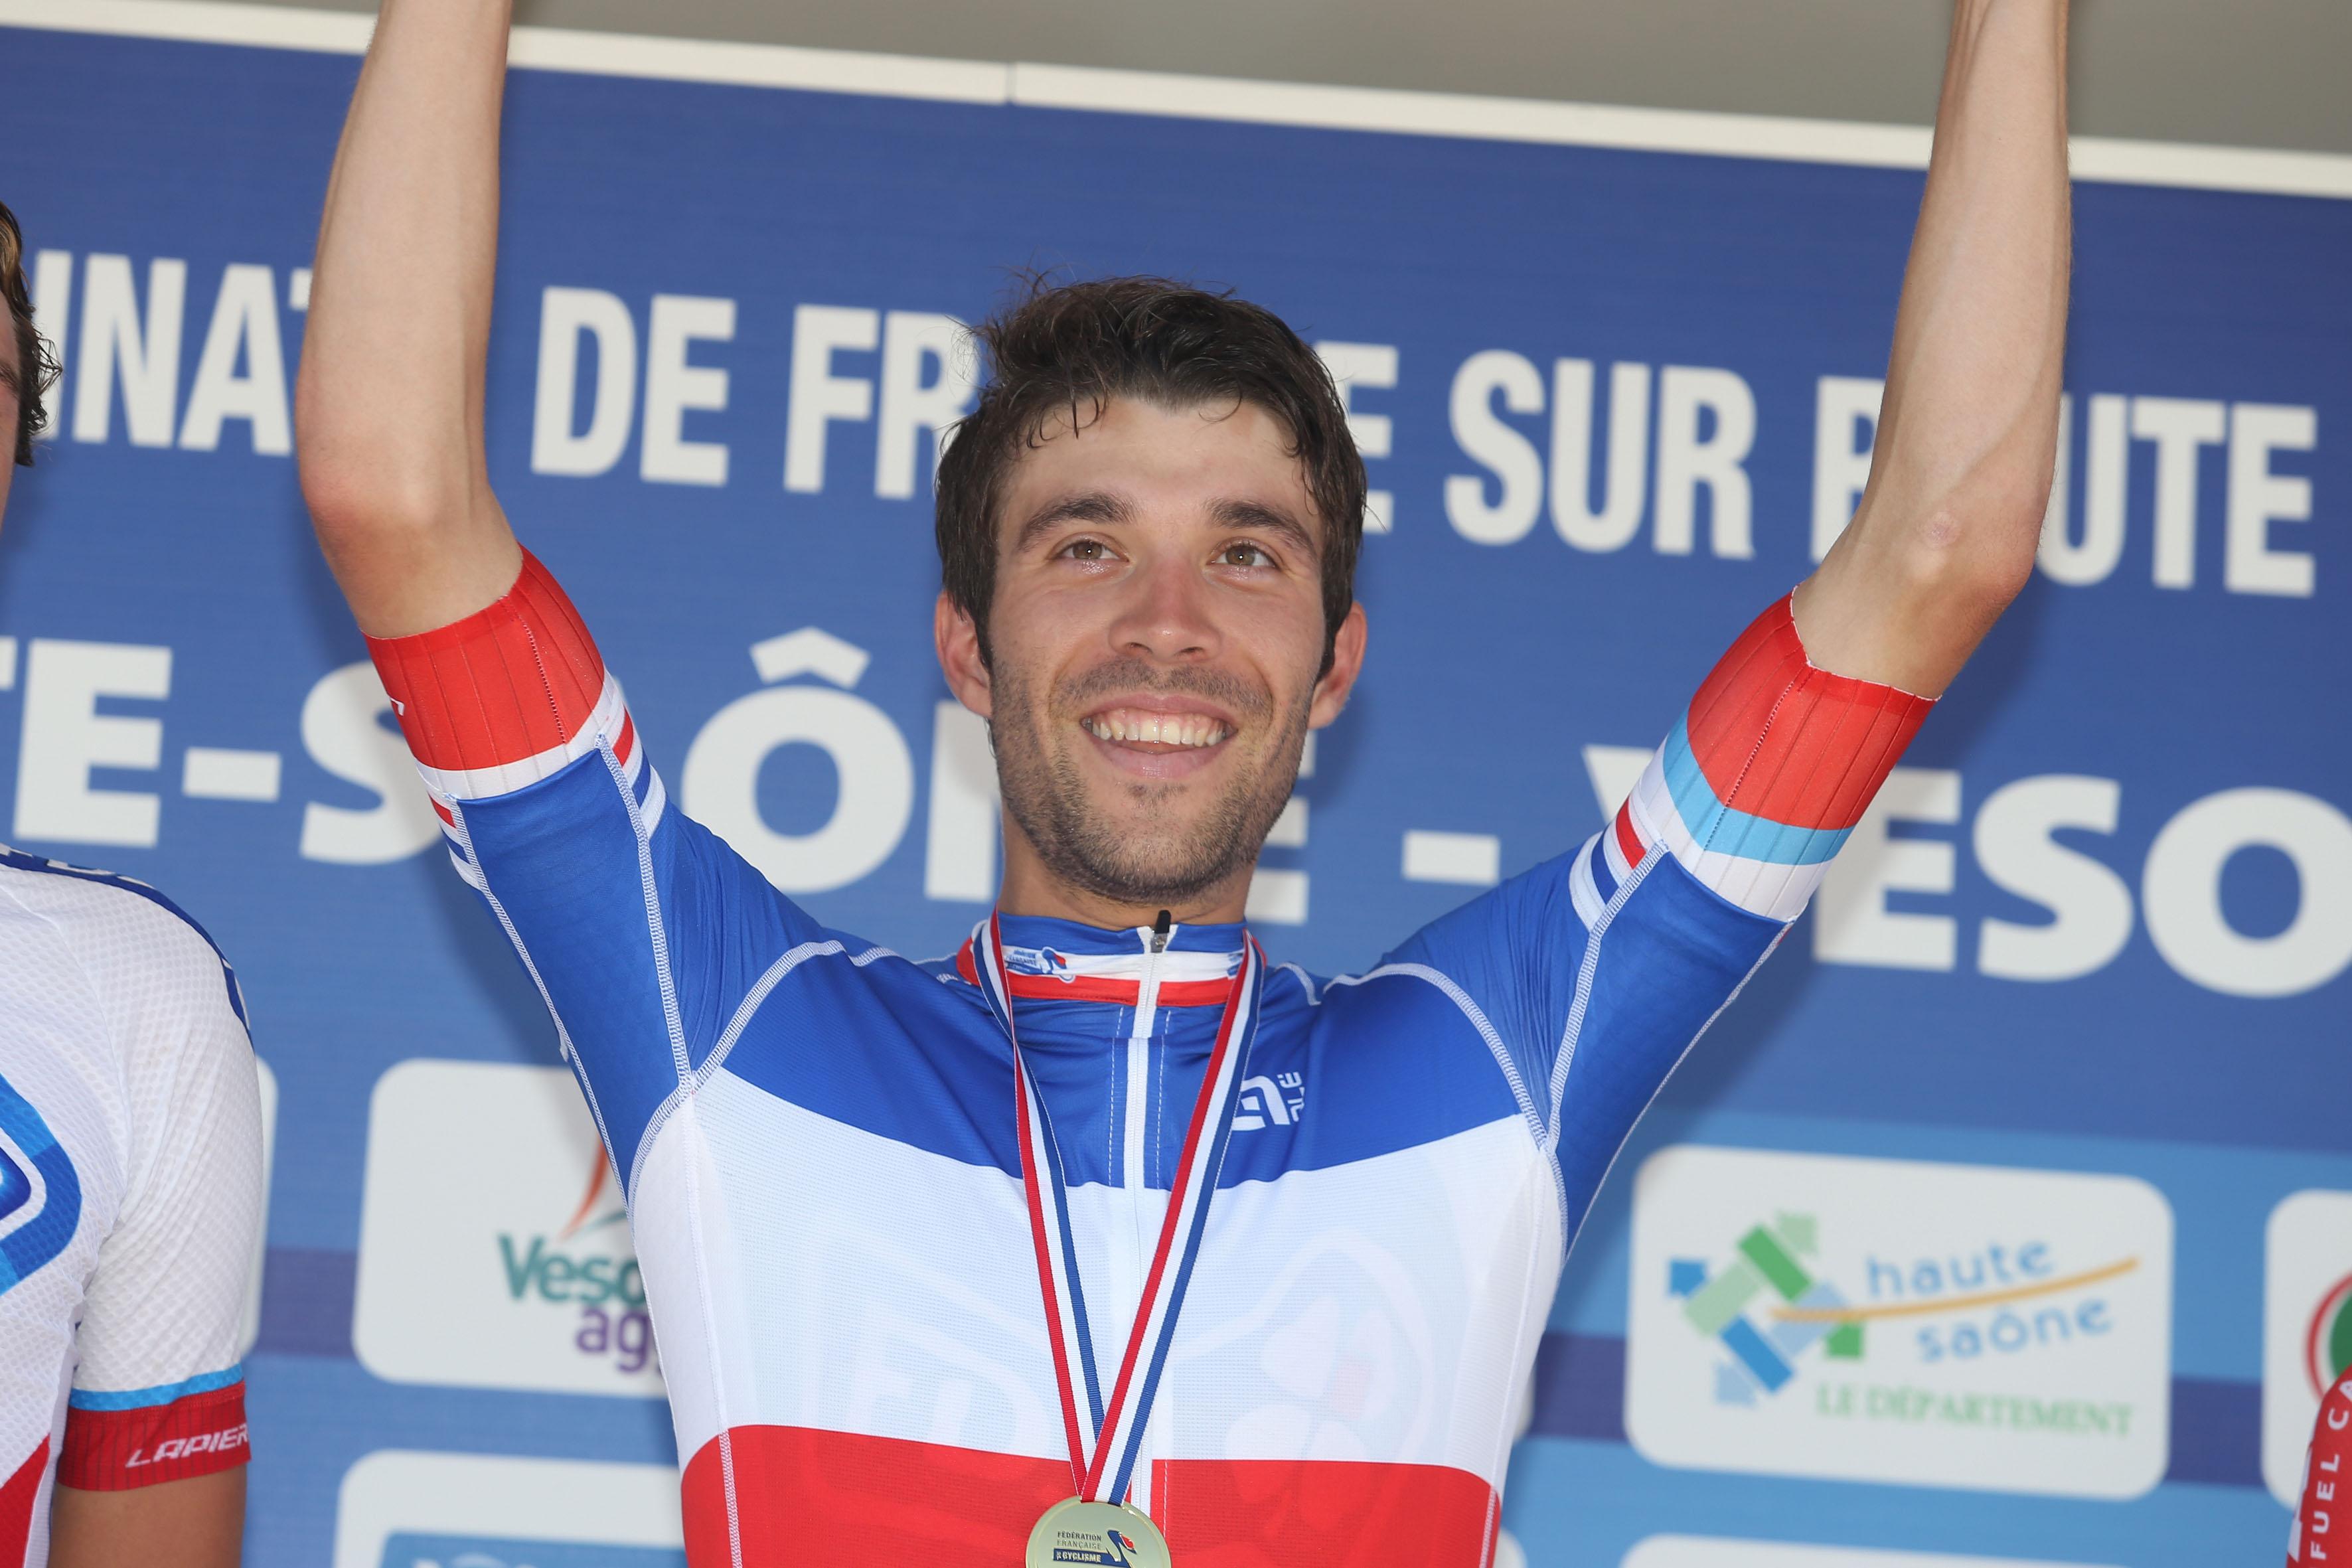 Cyclisme - Les Français à la loupe